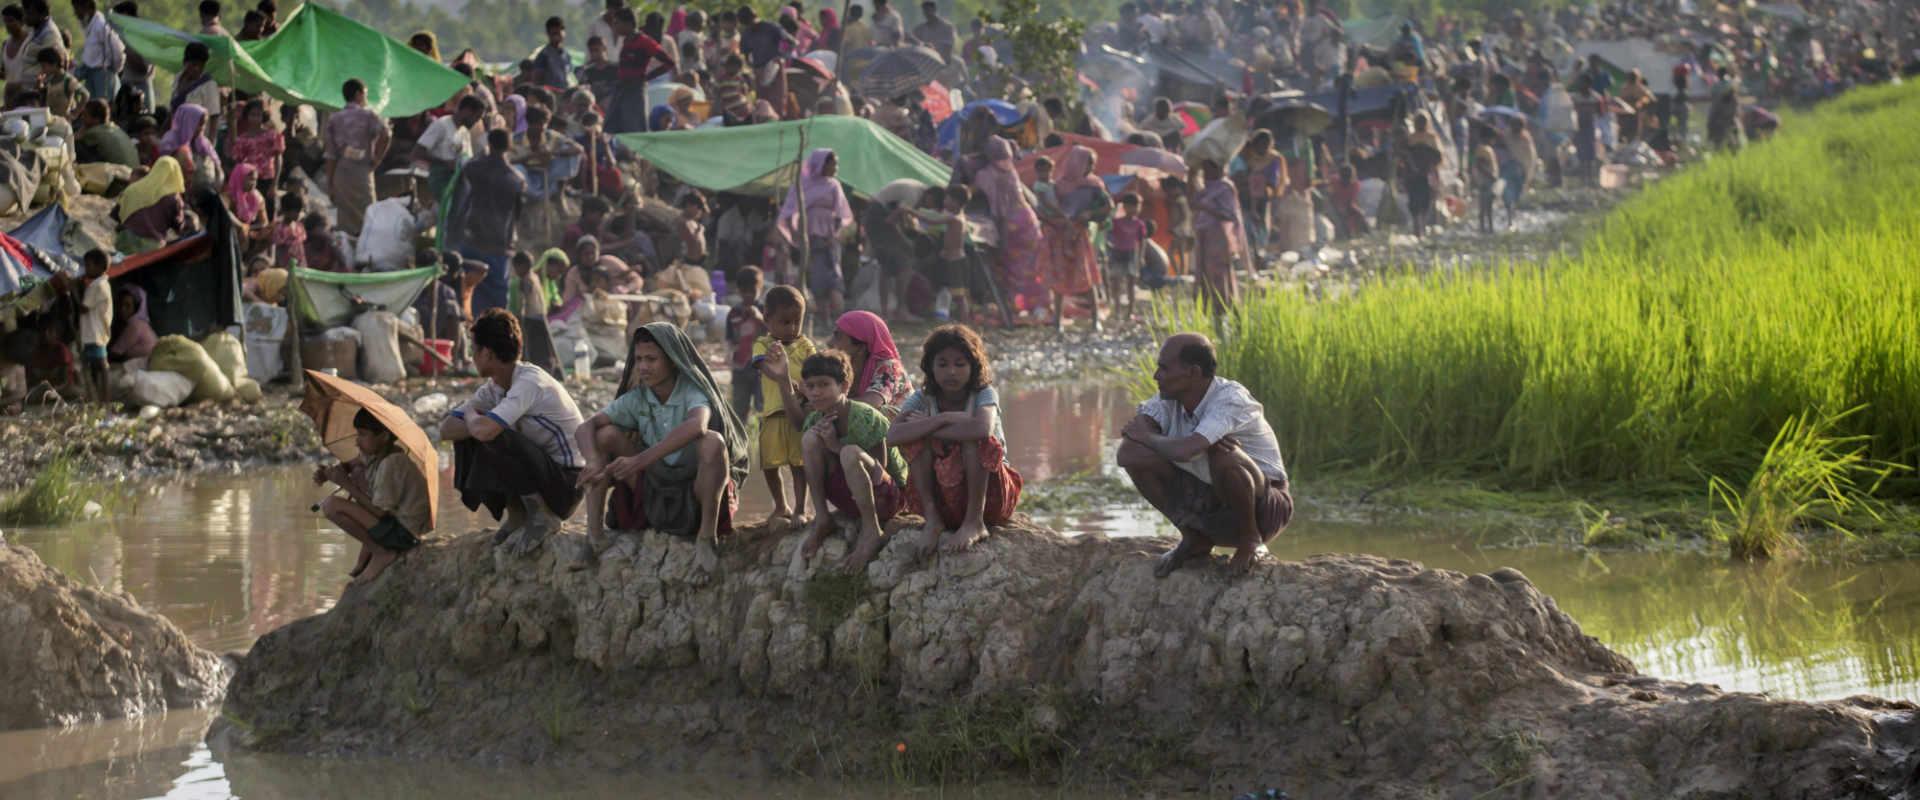 פליטים בני רוהינגיה, אוקטובר 2017